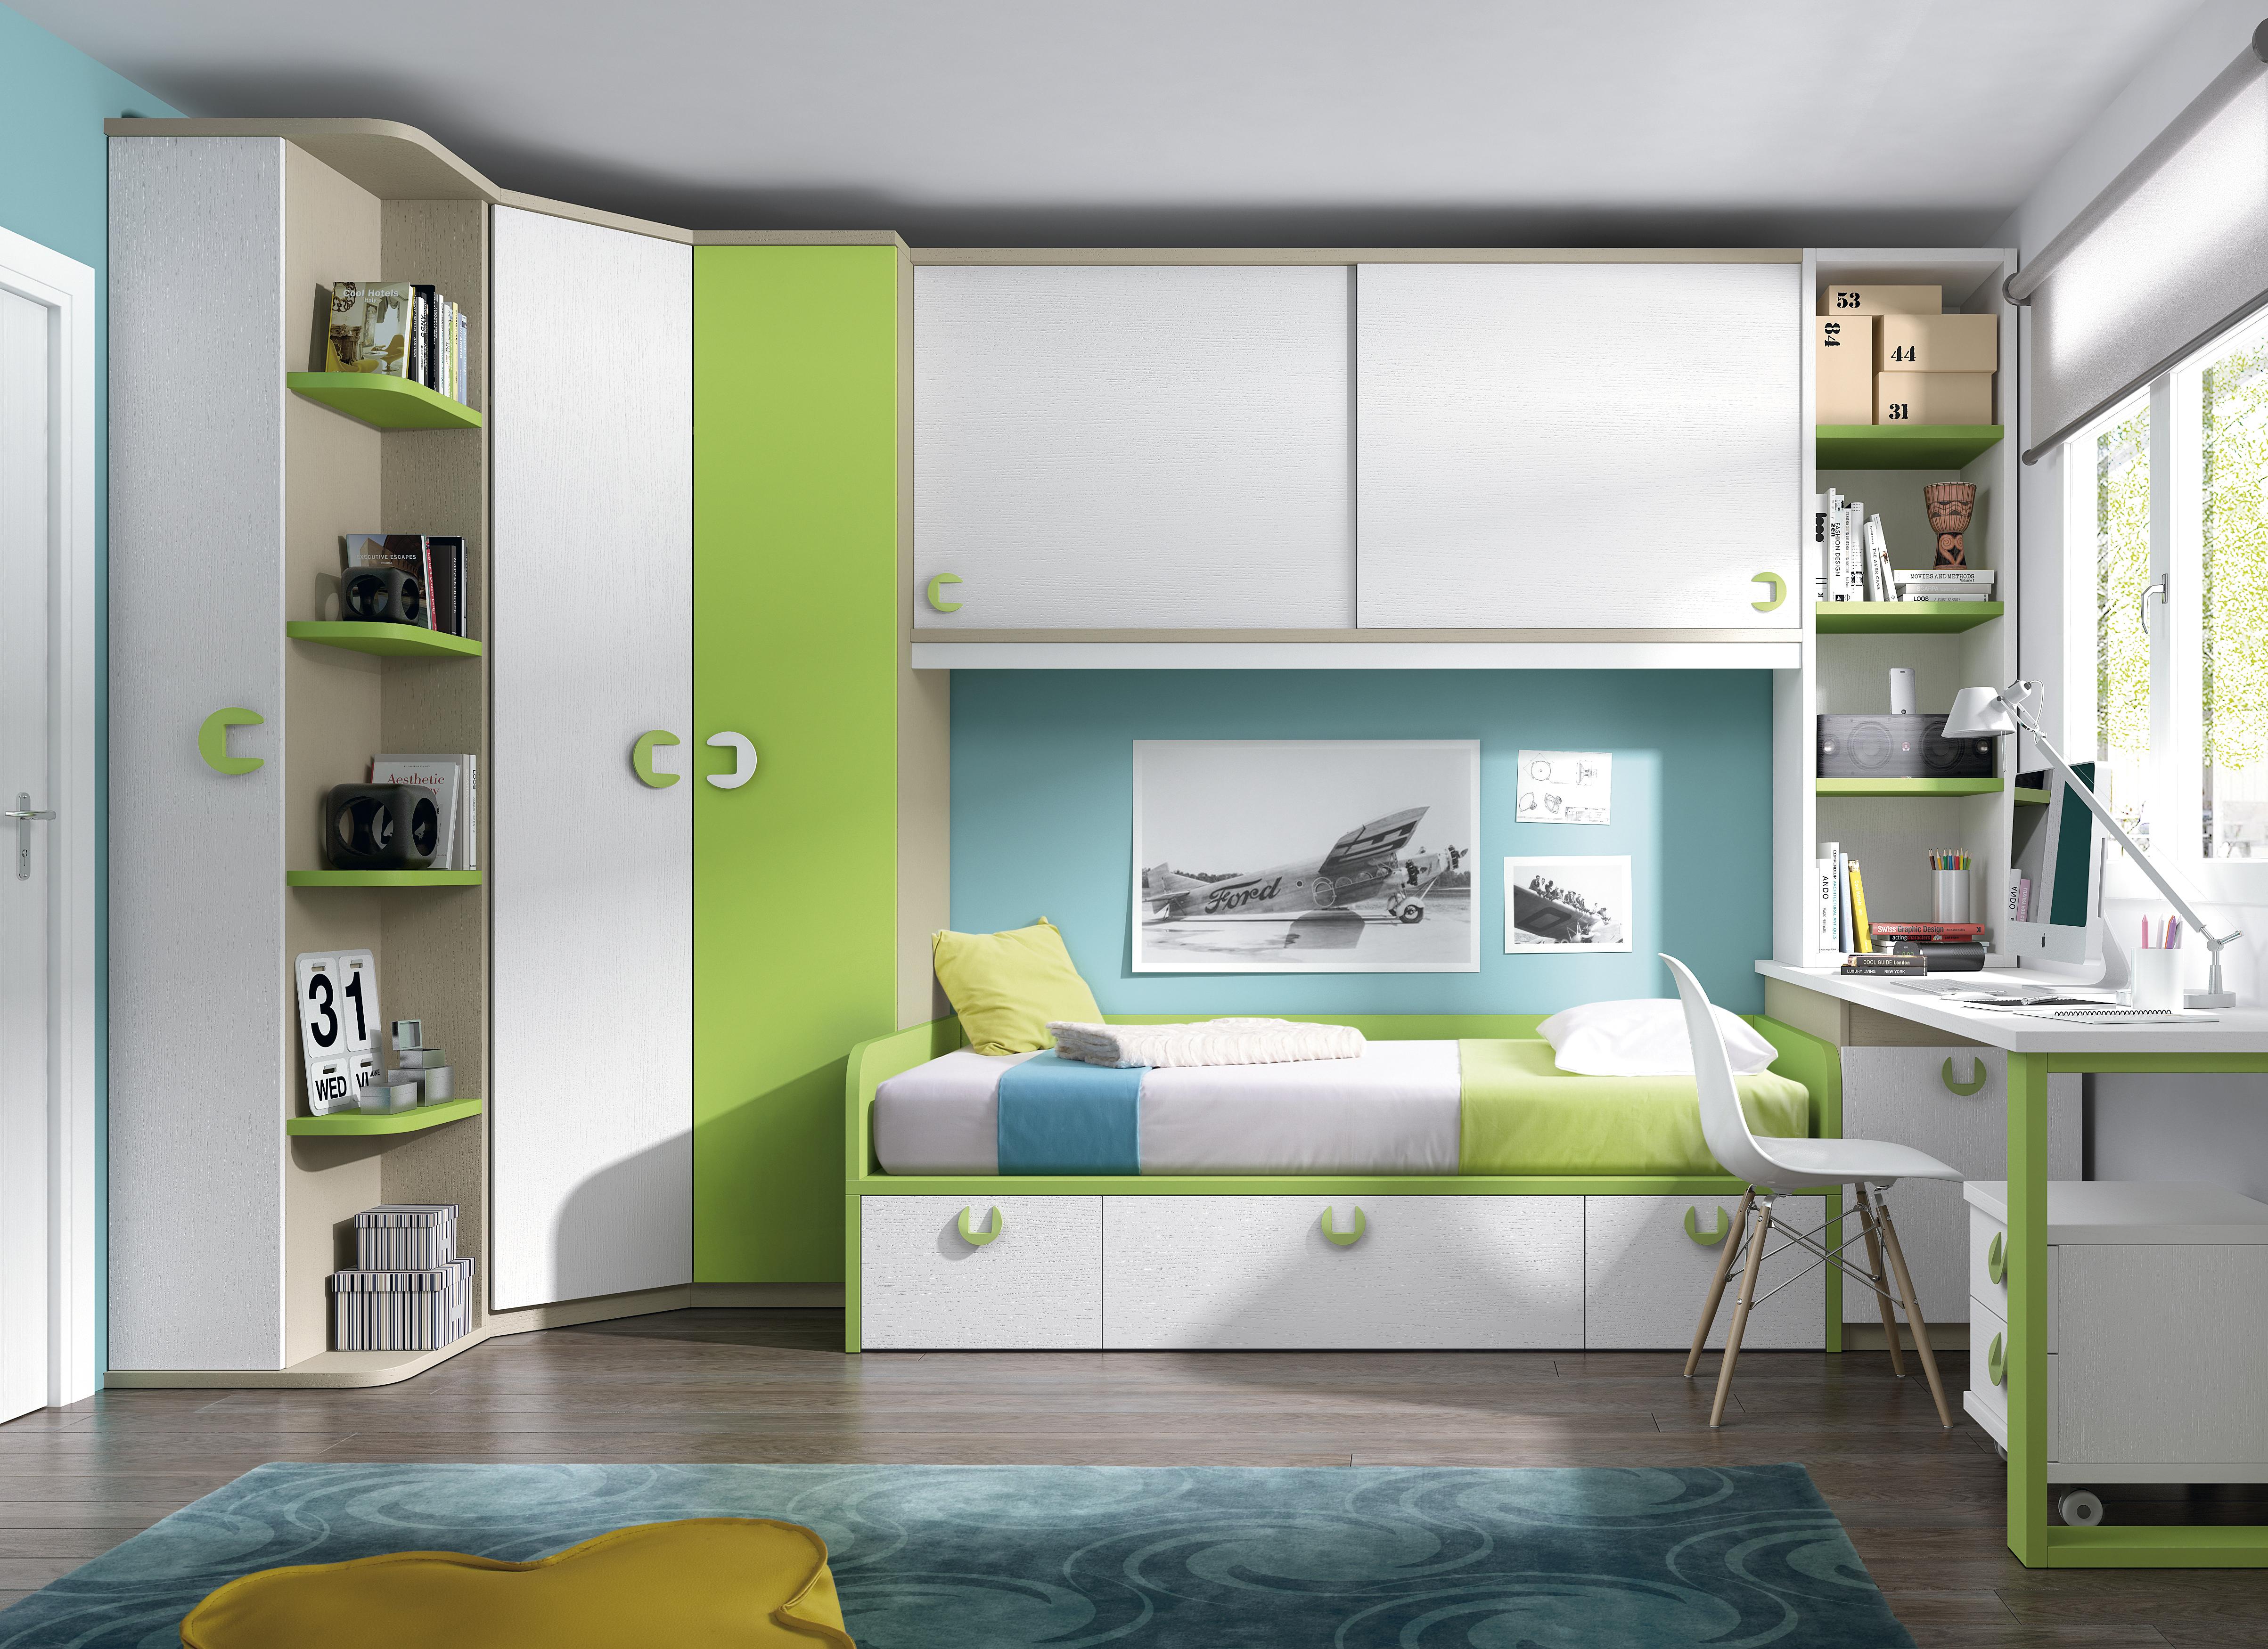 Dormitorios Juveniles Nietohogar # Muebles Funcionales Para Ninos